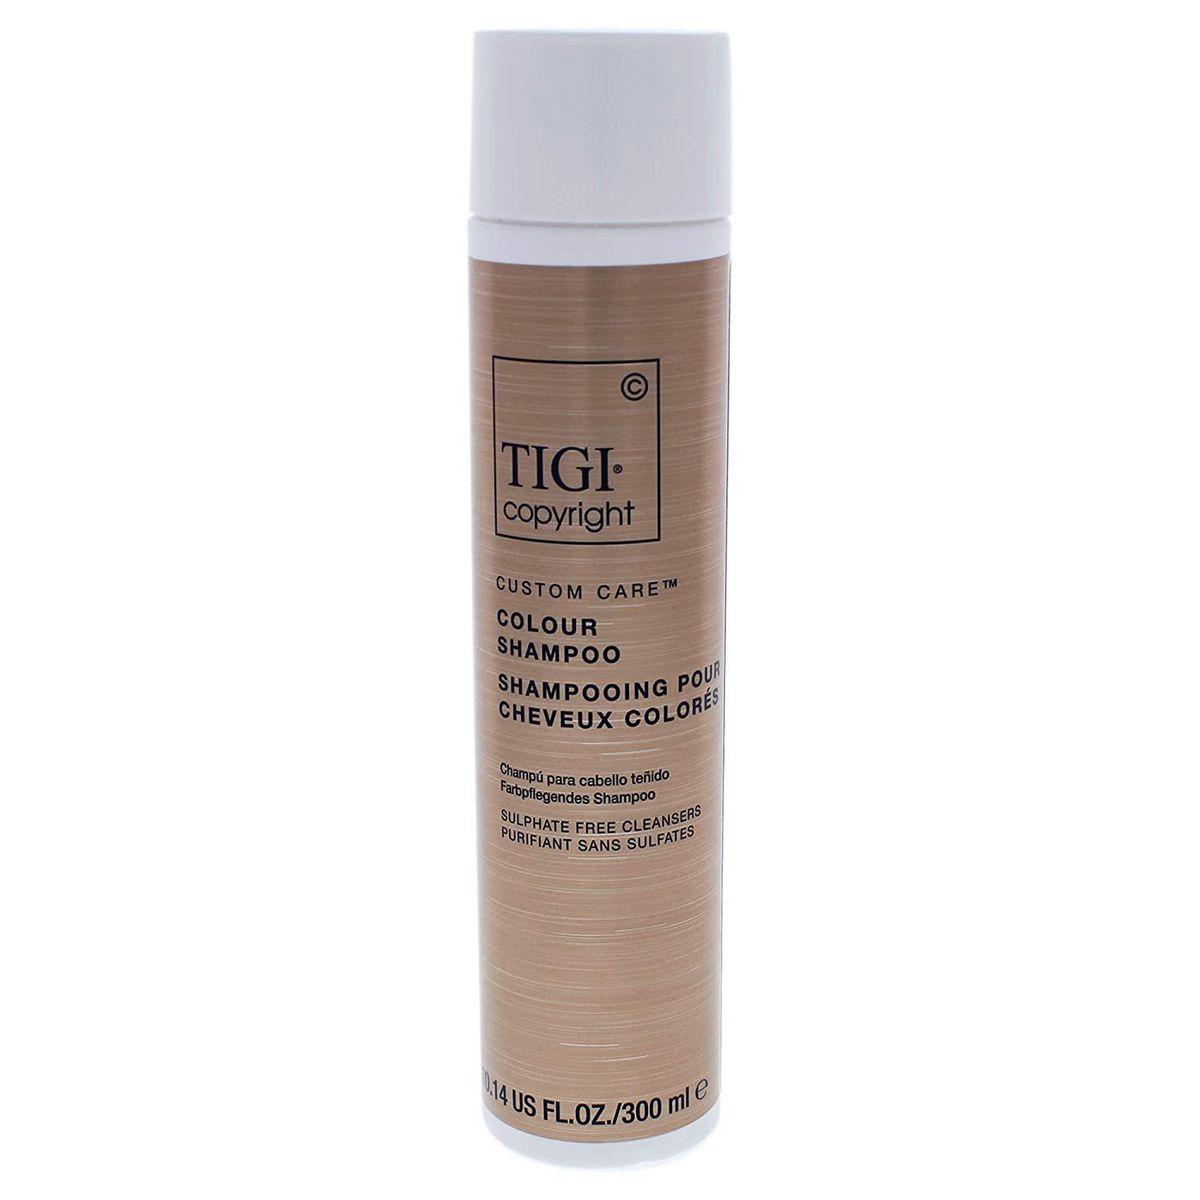 tigi colour shampoo for unisex